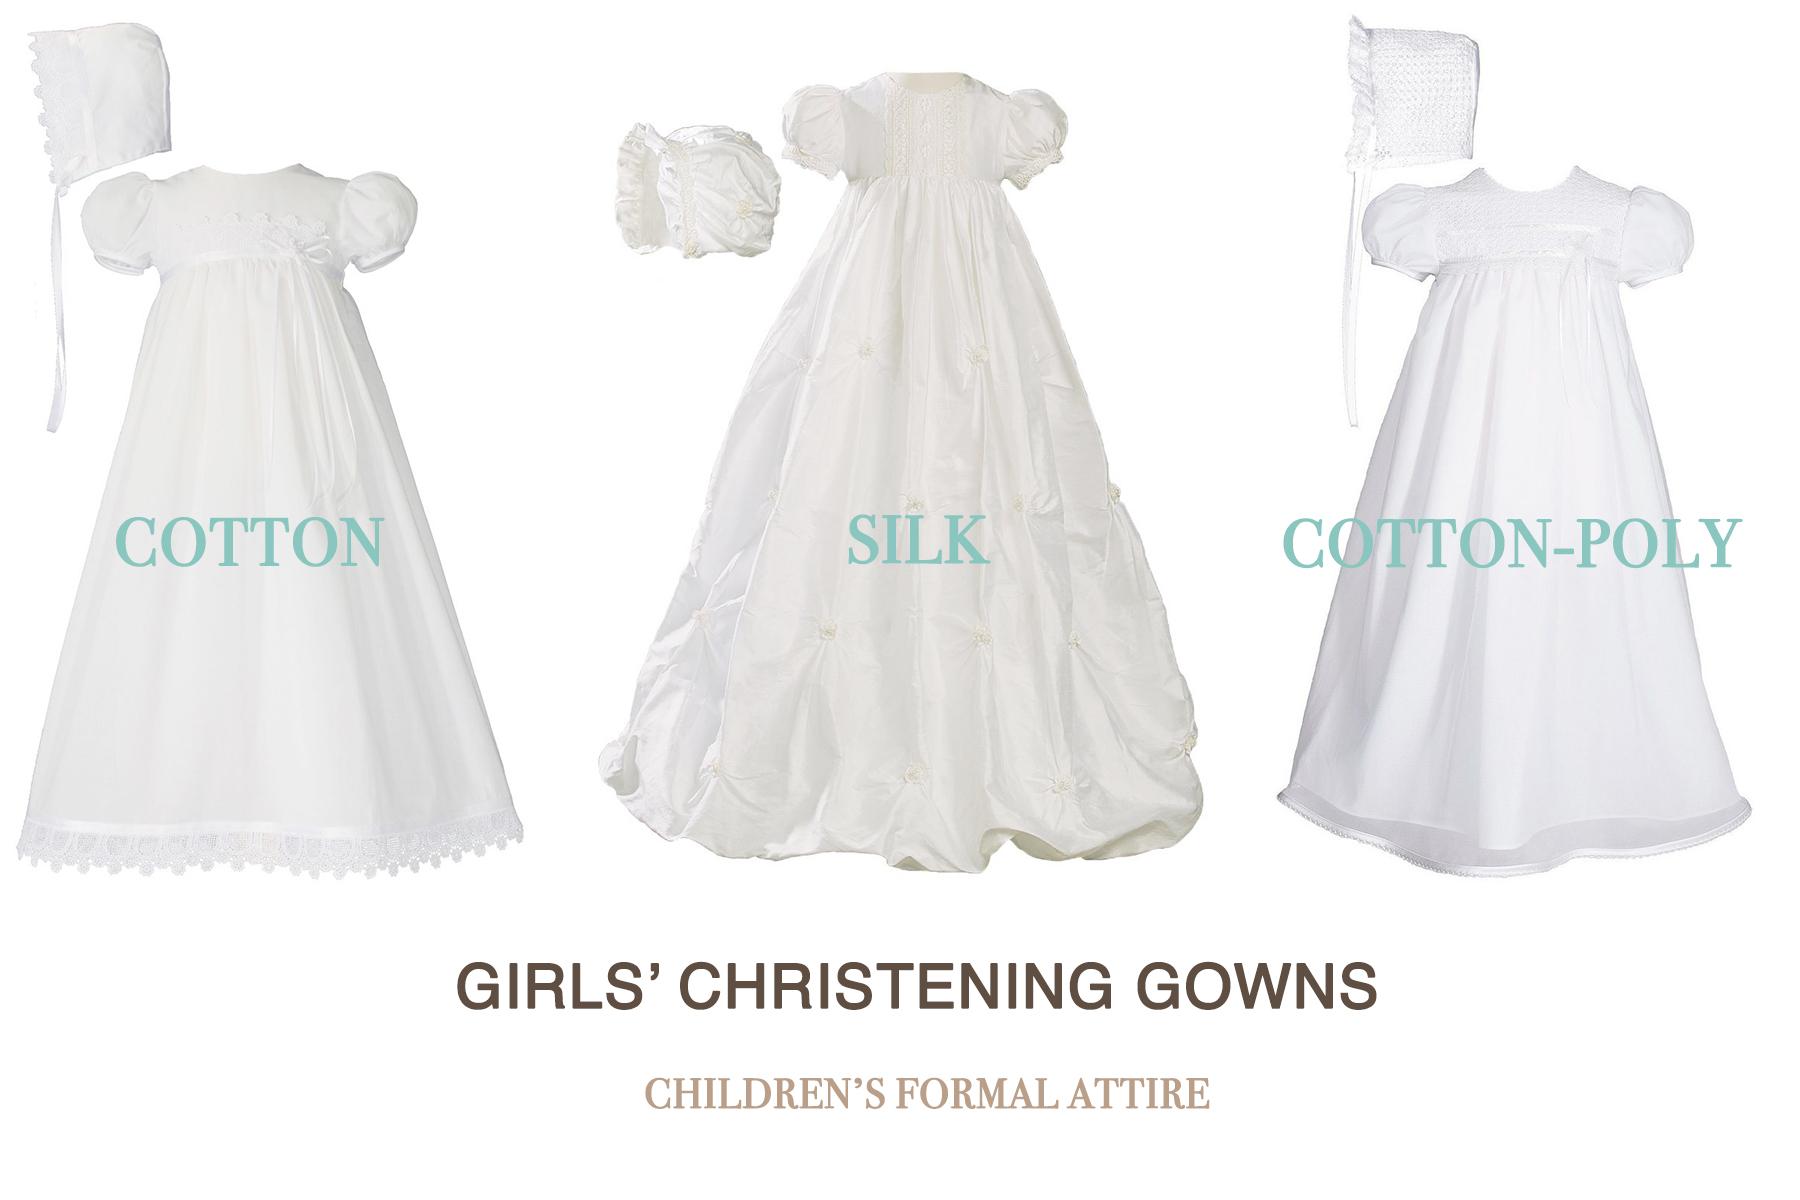 children-formal-attire-banner.jpg